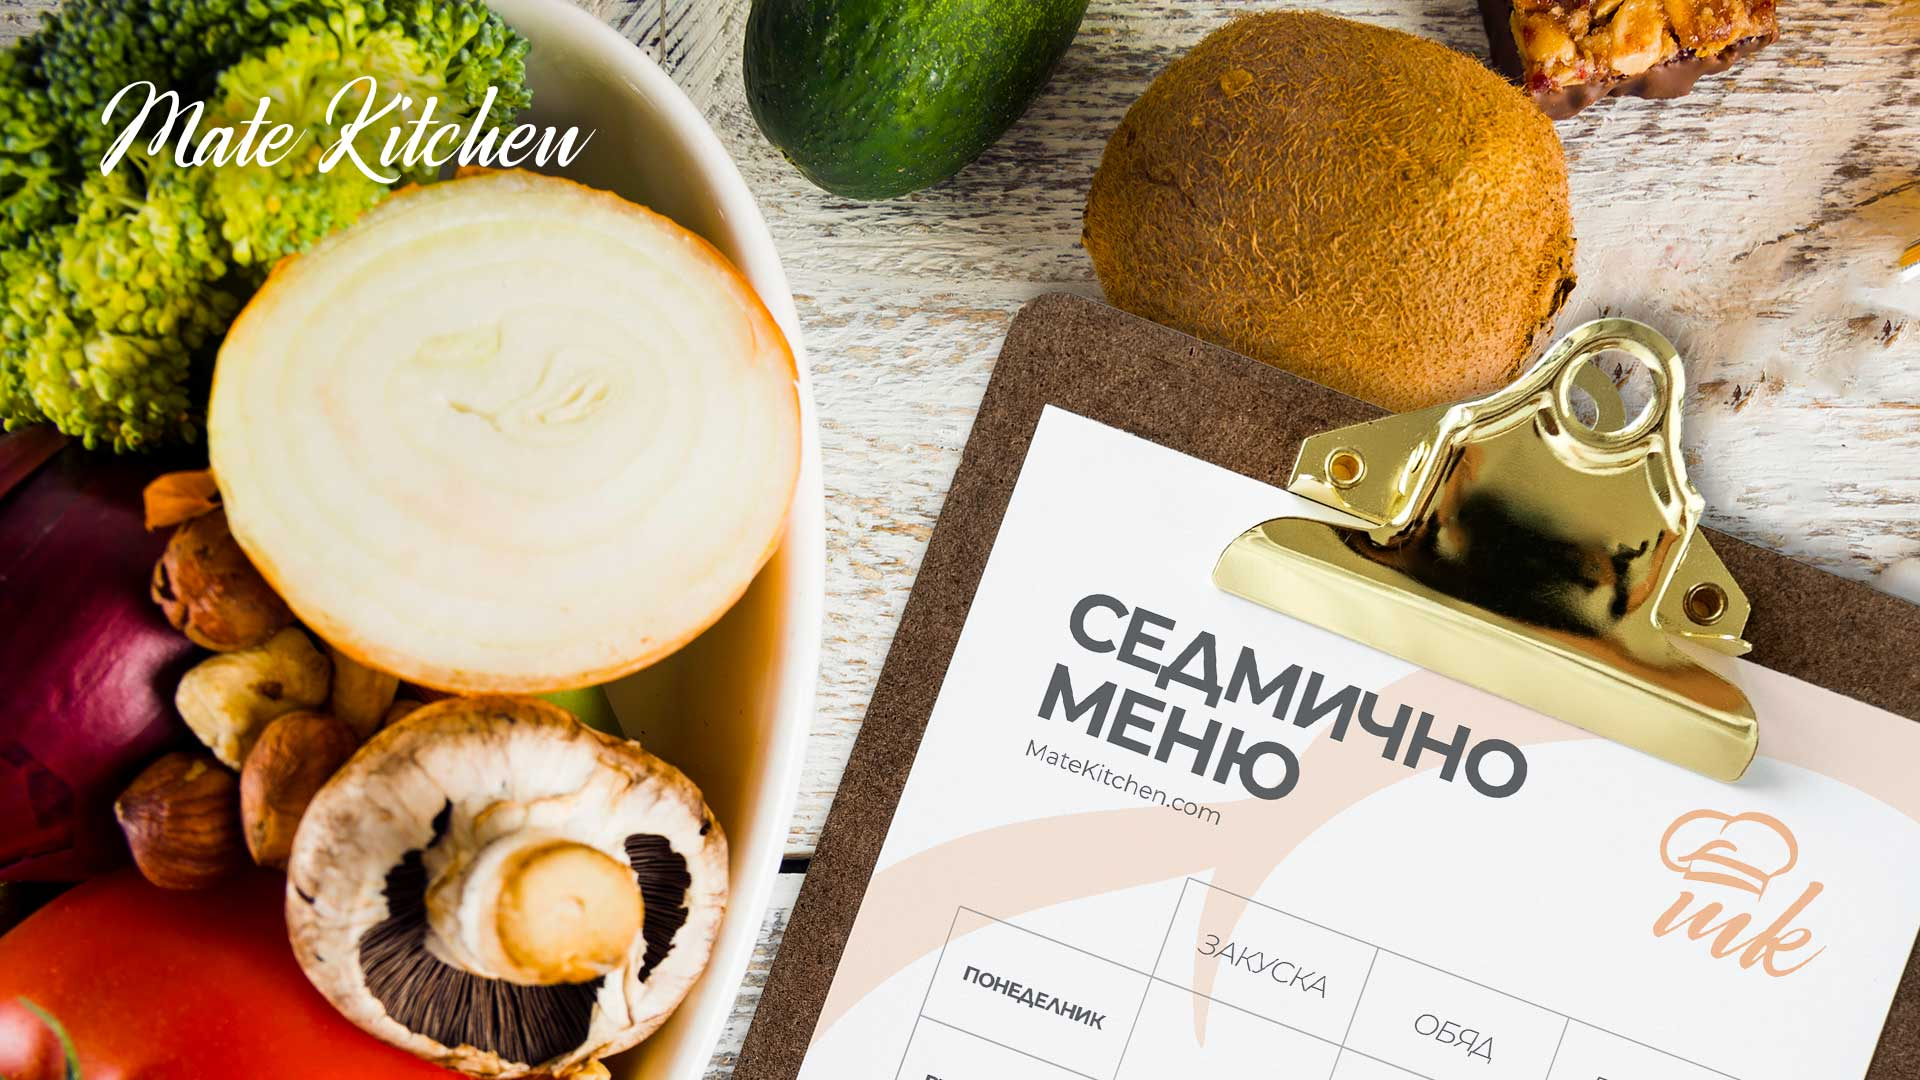 Бланка за седмично меню от Mate Kitchen на фона на плодове и зеленчуци